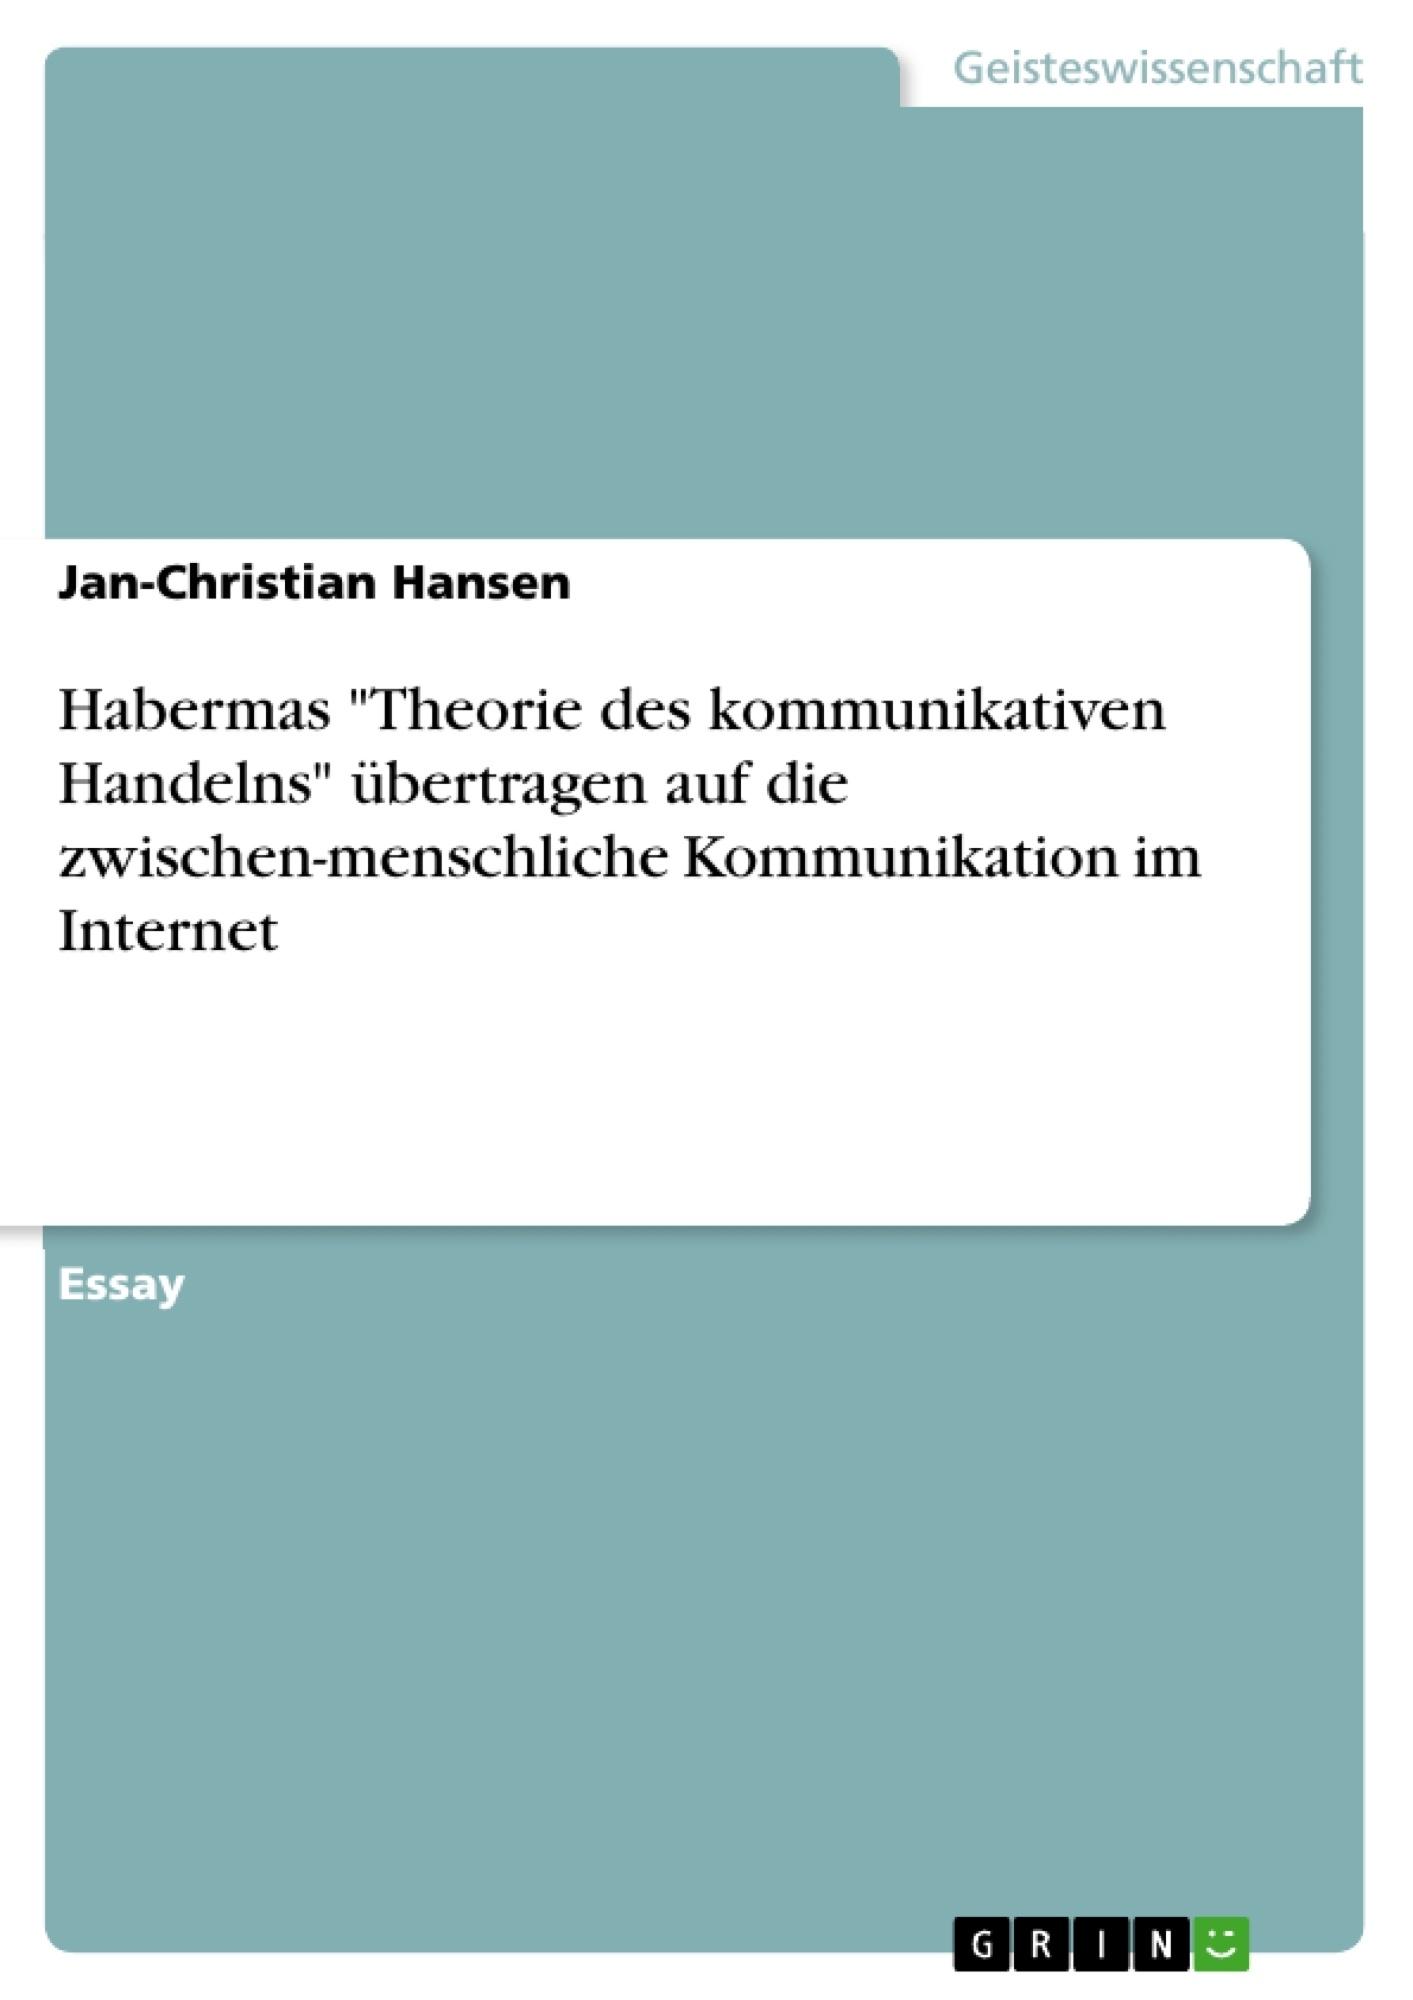 """Titel: Habermas """"Theorie des kommunikativen Handelns"""" übertragen auf die zwischen-menschliche Kommunikation im Internet"""